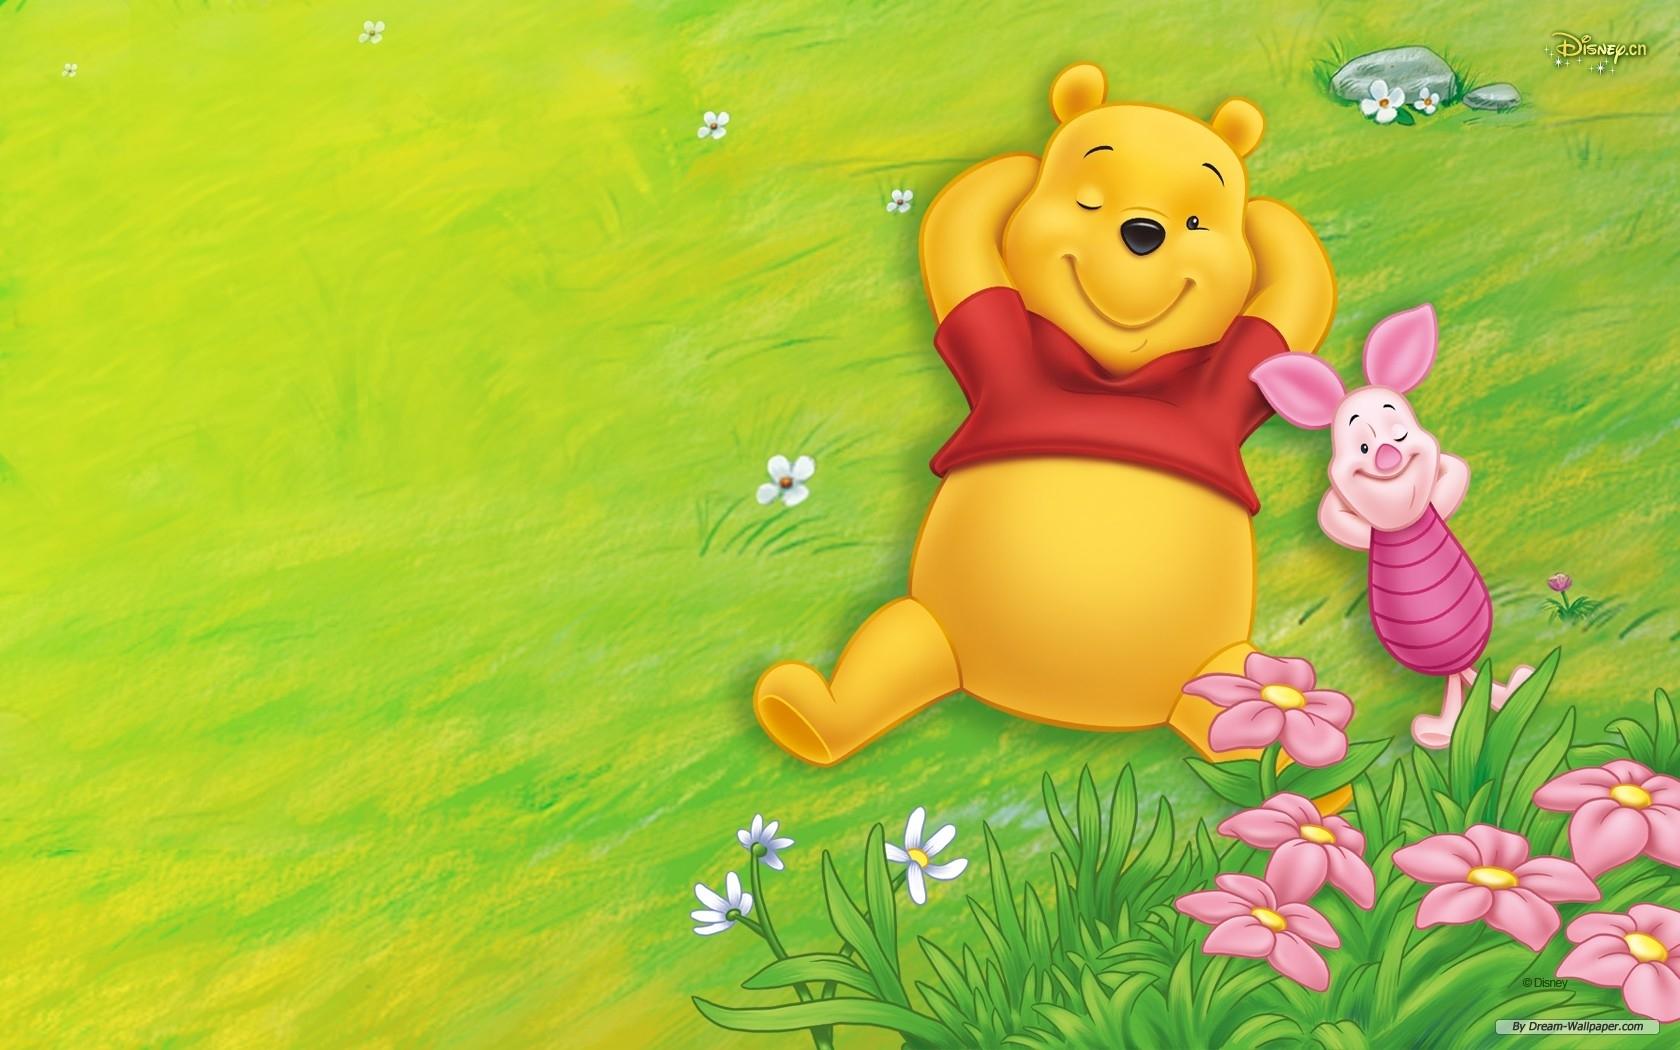 free wallpaper - free cartoon wallpaper - winnie the pooh